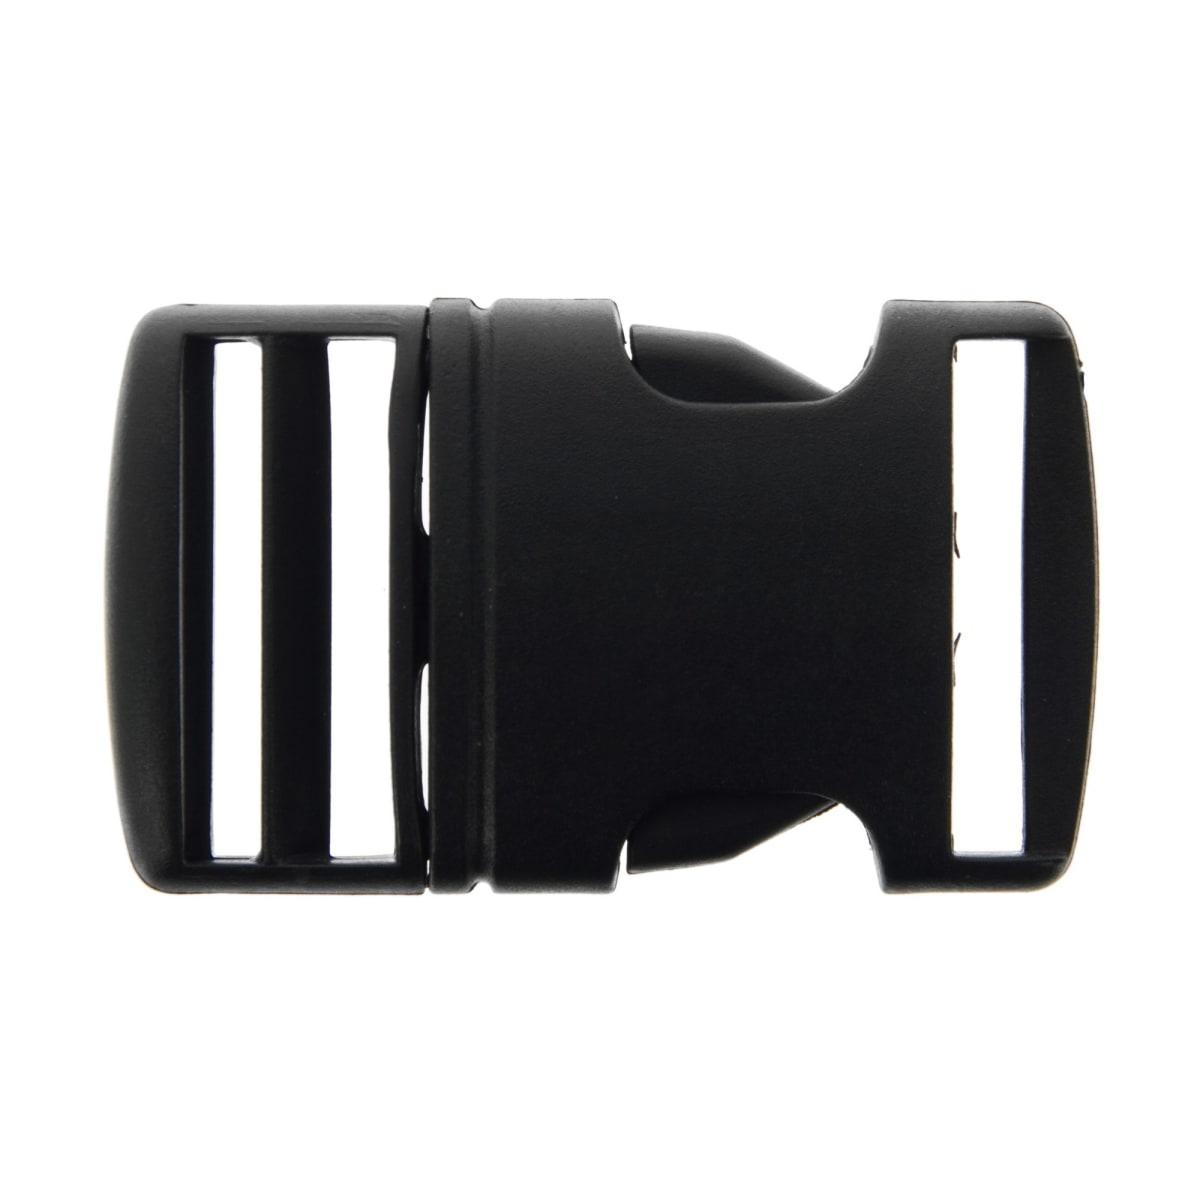 Пряжка быстрого открывания для ремня Standers 40 мм